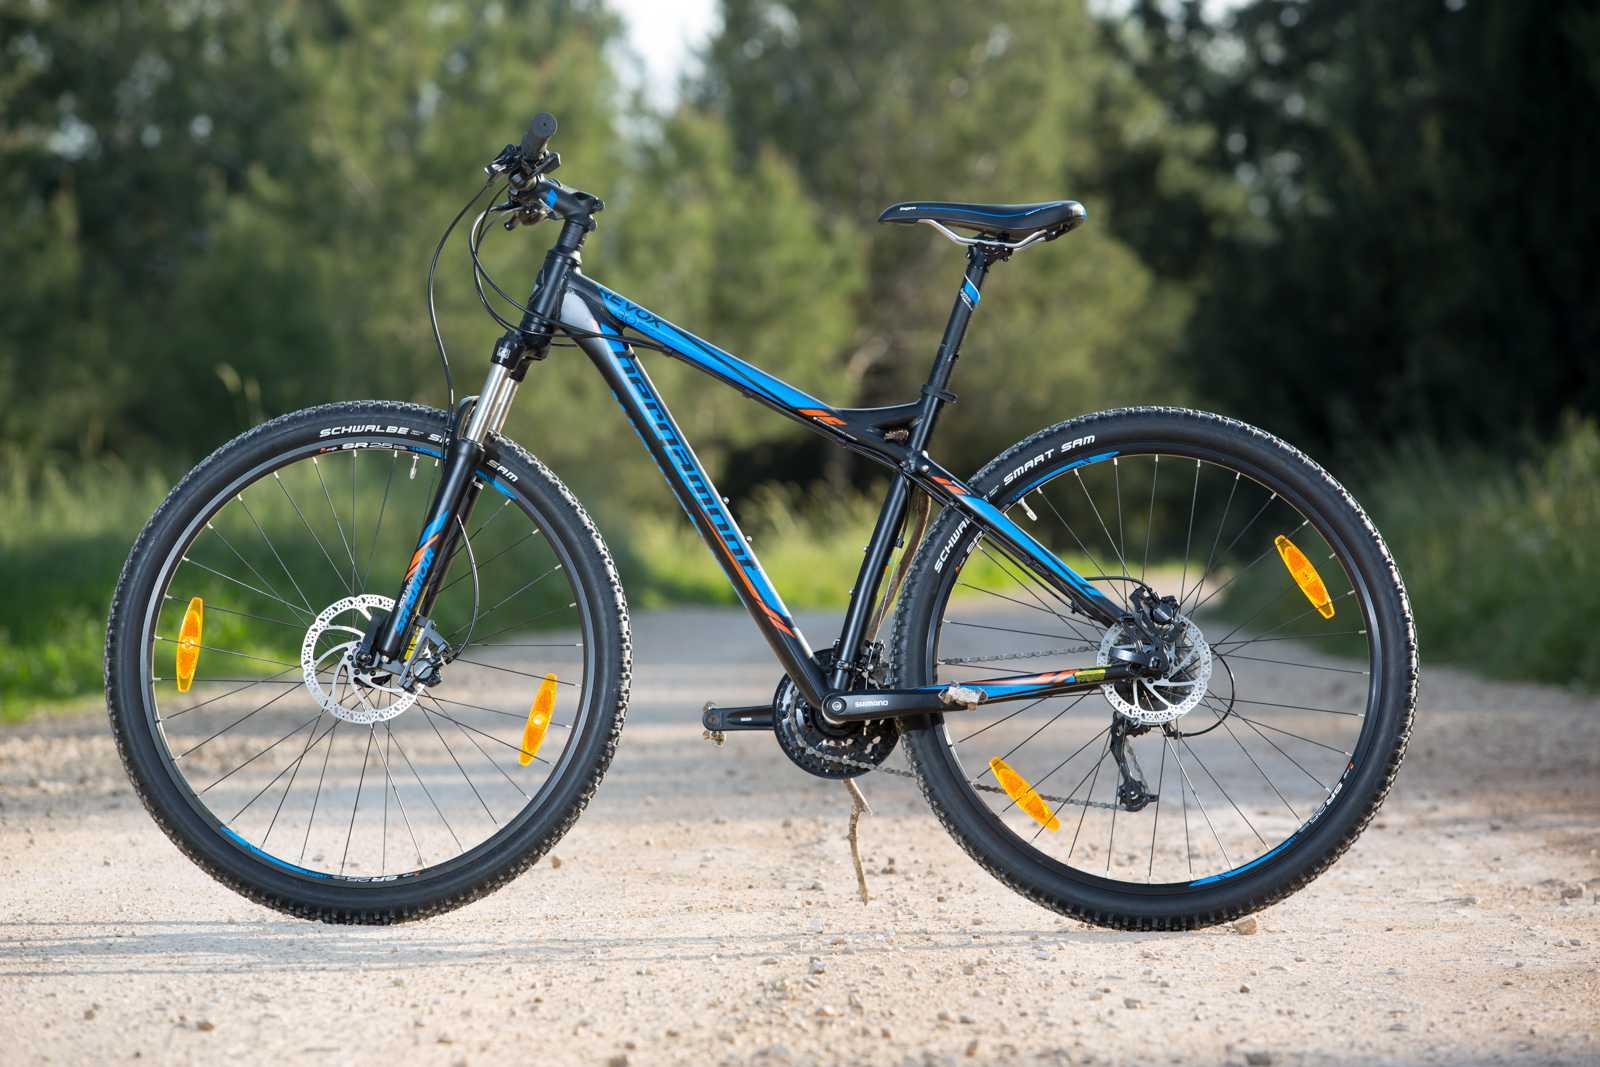 מבחן אופניים BERGAMONT REVOX 3.0. בסיסי זה לא בהכרח משעמם! השלדה הנהדרת מפצה על הרבה ויוצרת שמחת חיים מפתיעה. המחיר מתחת ל-3,000 שקלים. צילום: תומר פדר